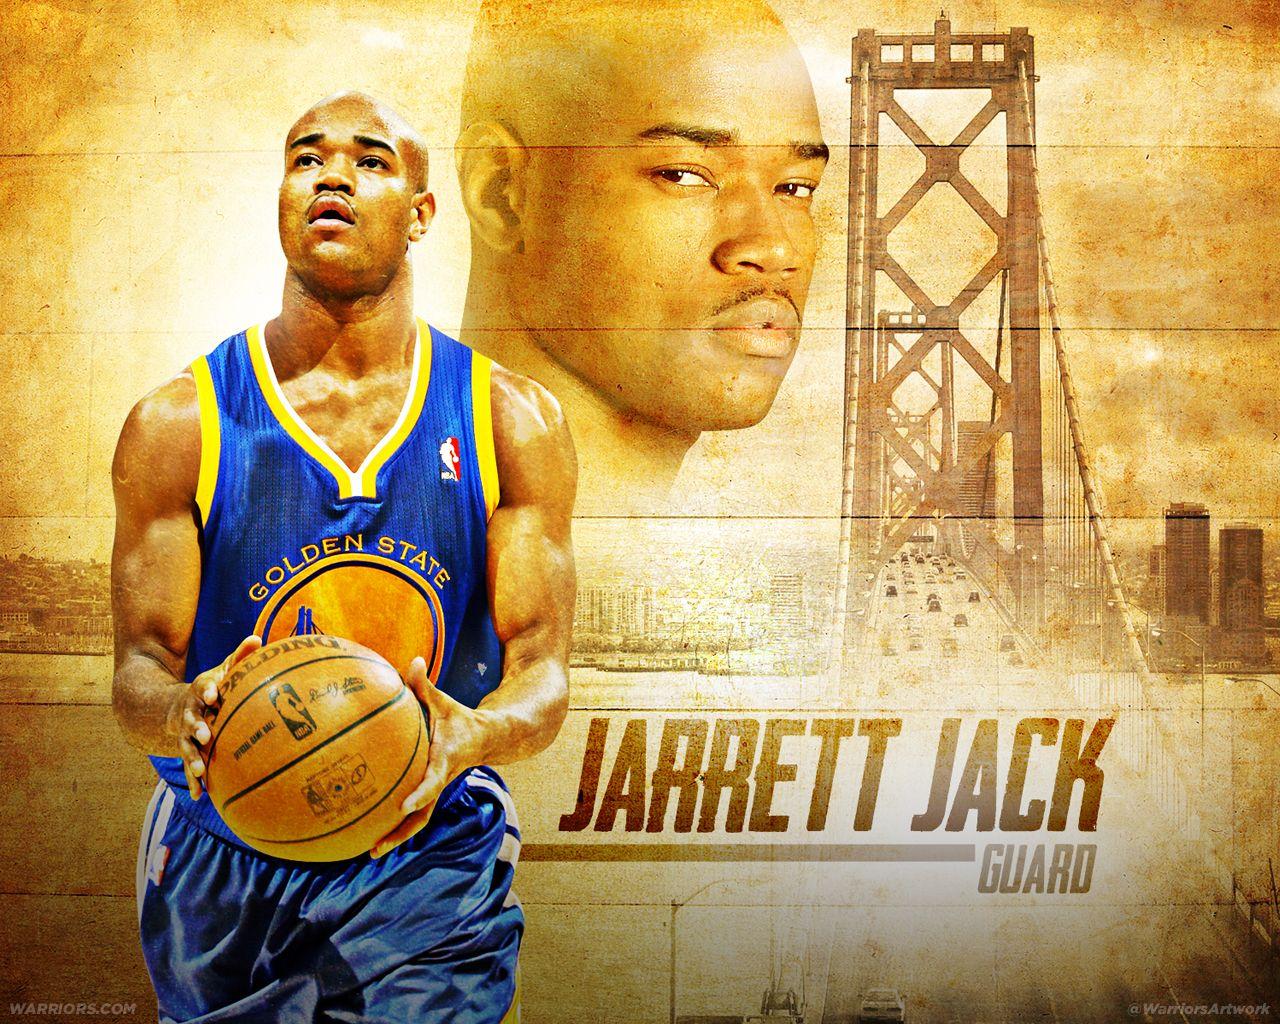 Jarrett Jack Go Warriors Golden State Warriors Wallpaper